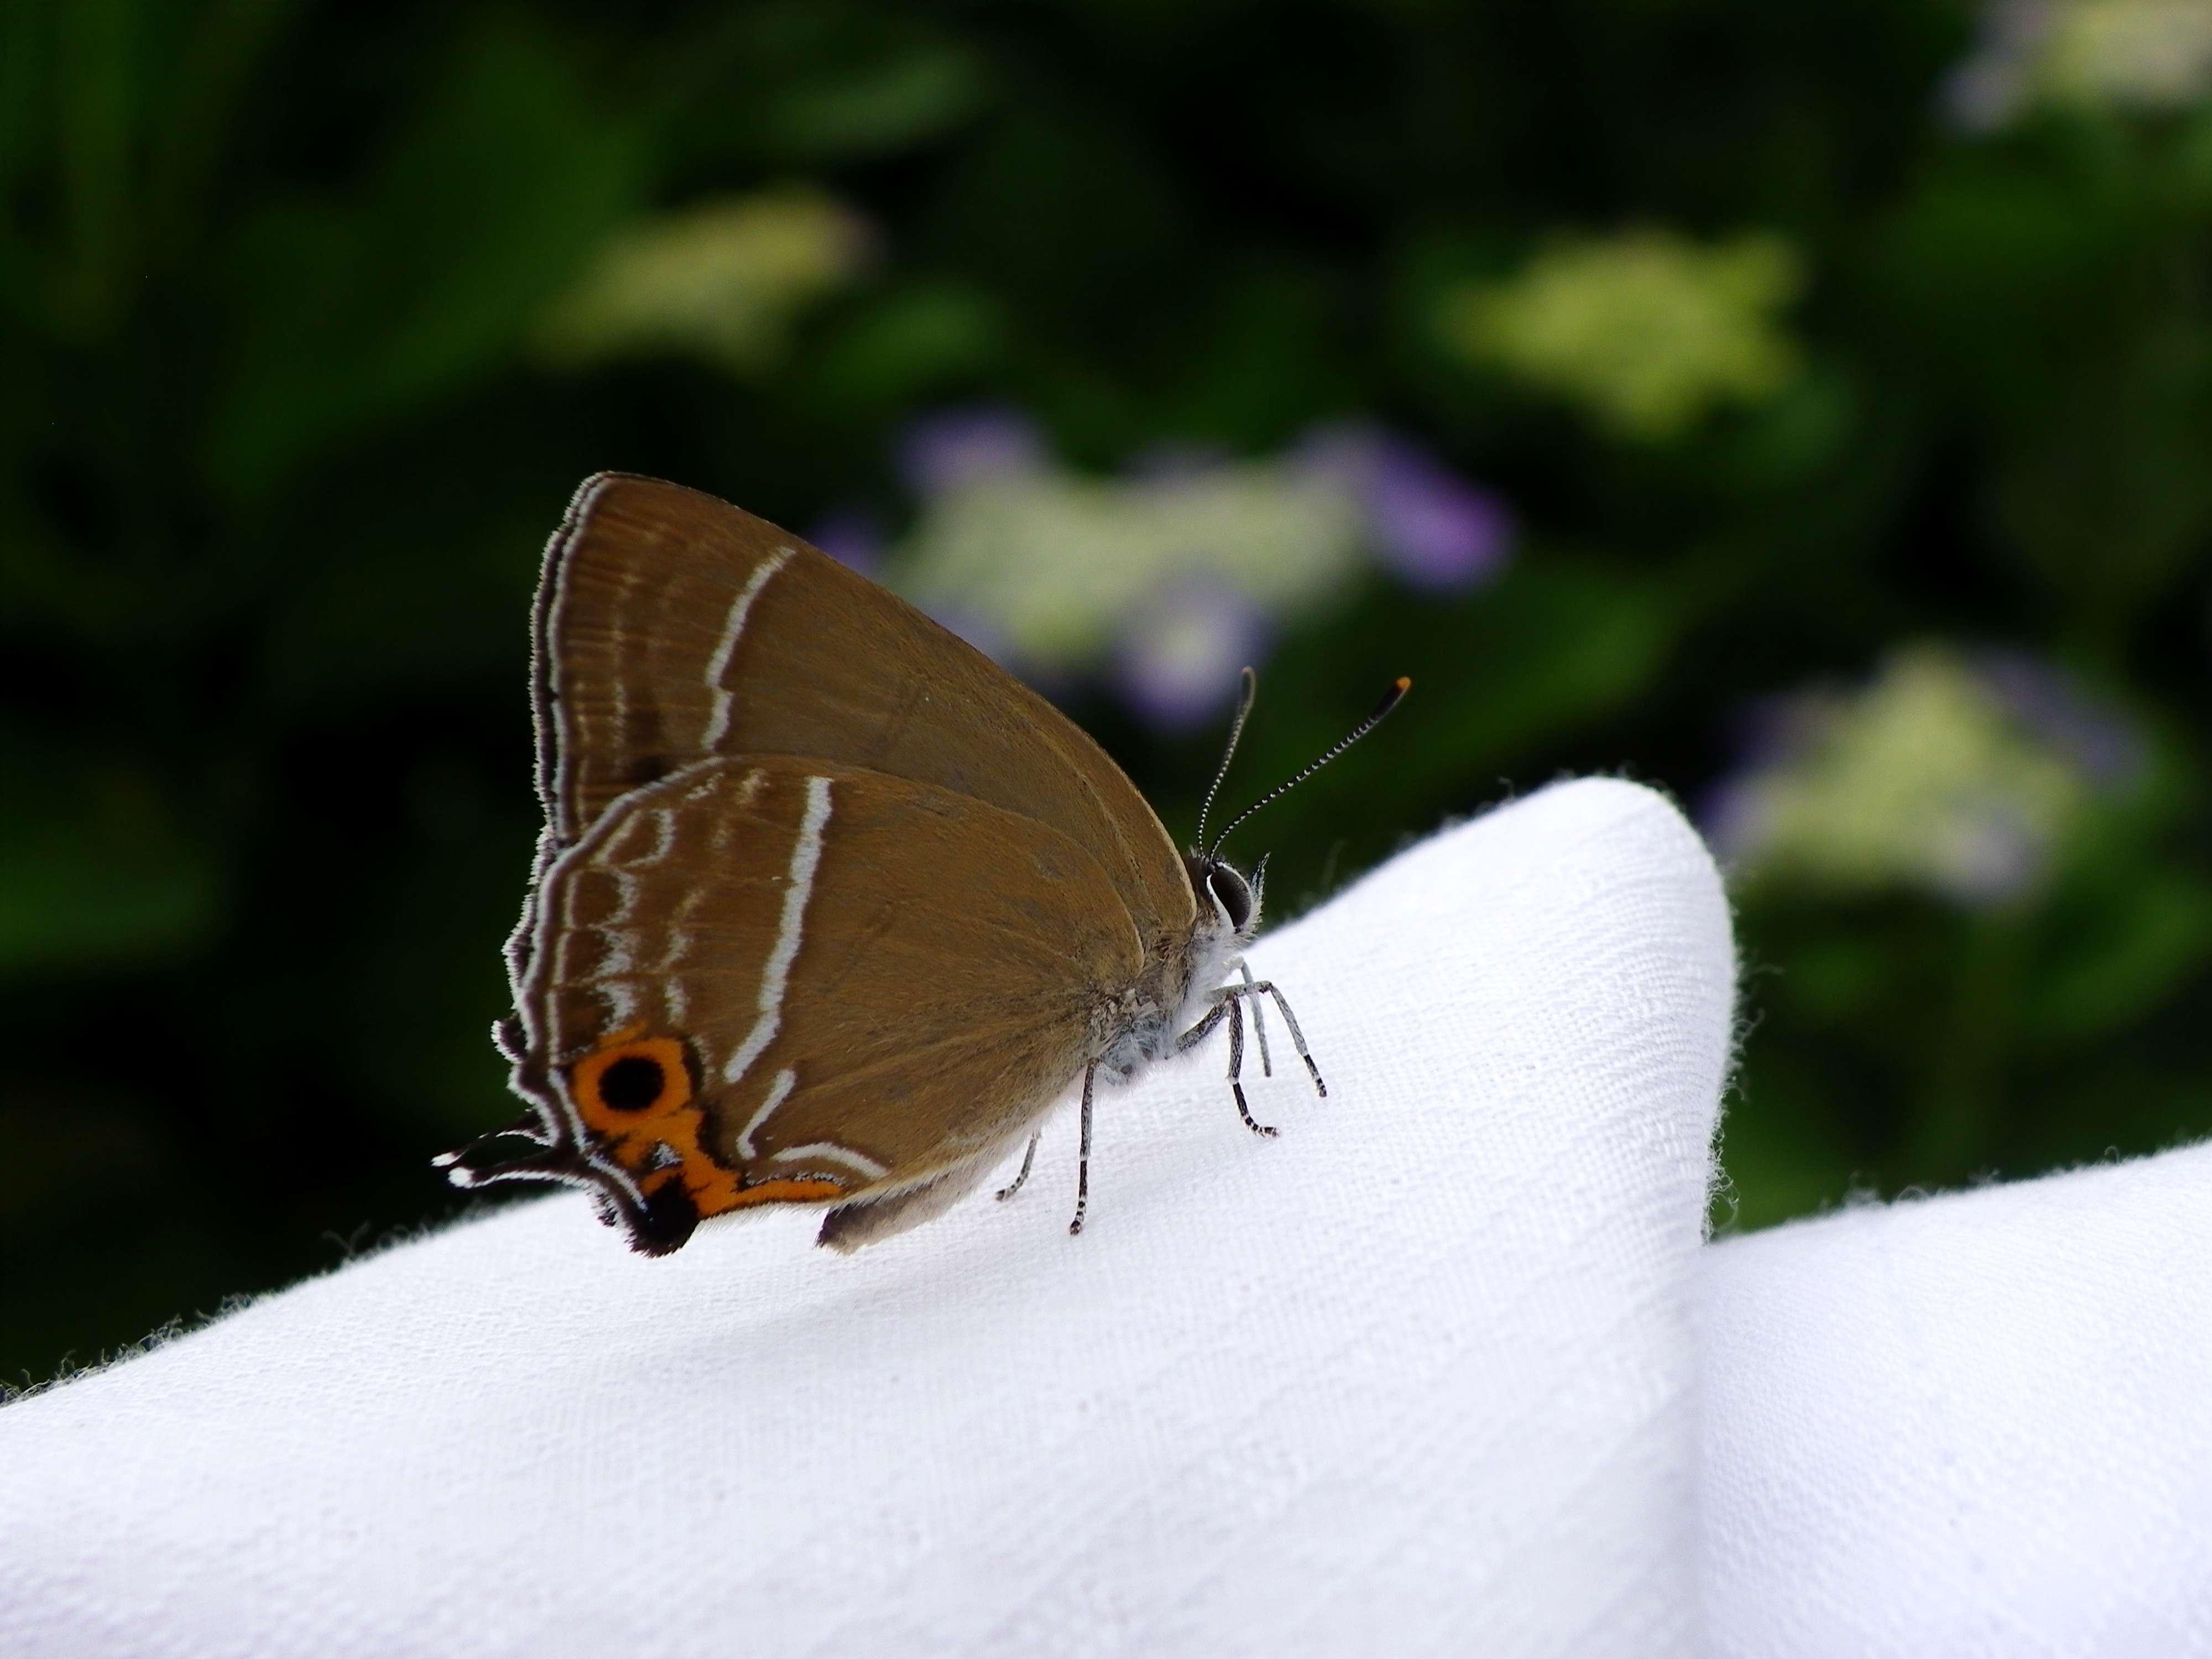 ミドリシジミ 6月2日朝の庭にて_d0254540_2012882.jpg